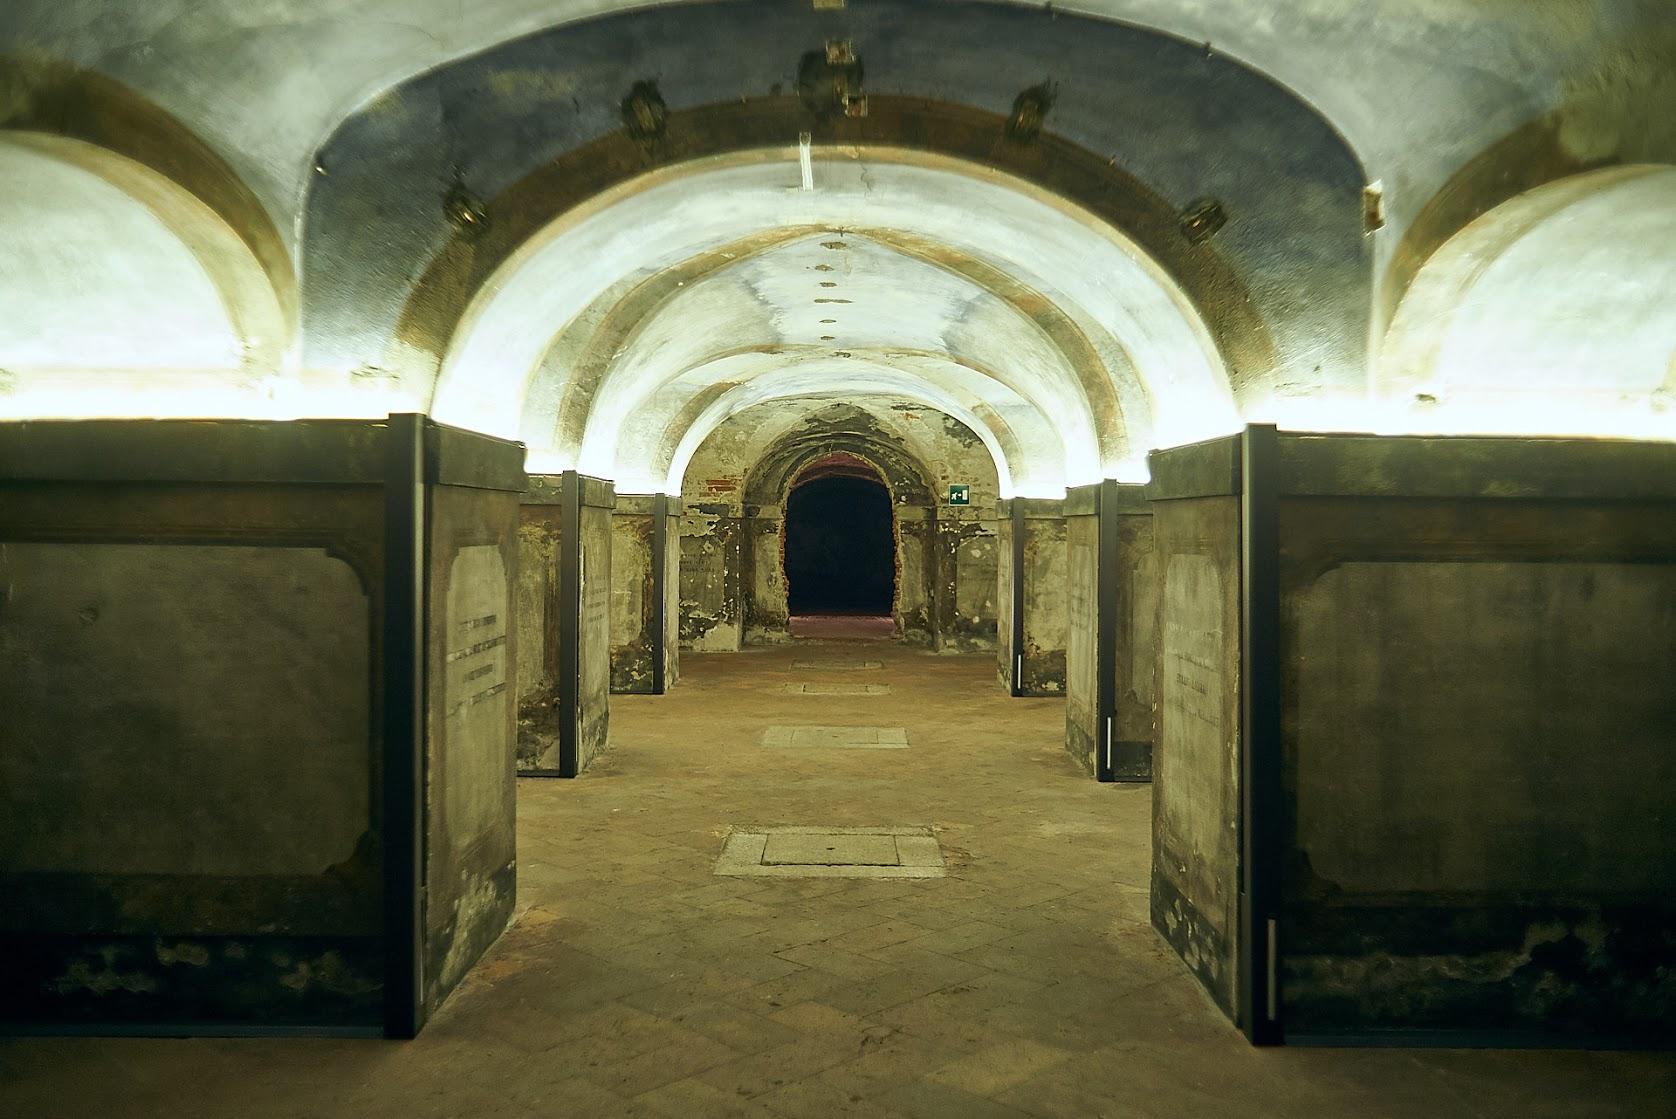 Archivi Milano Cinema Bianchini